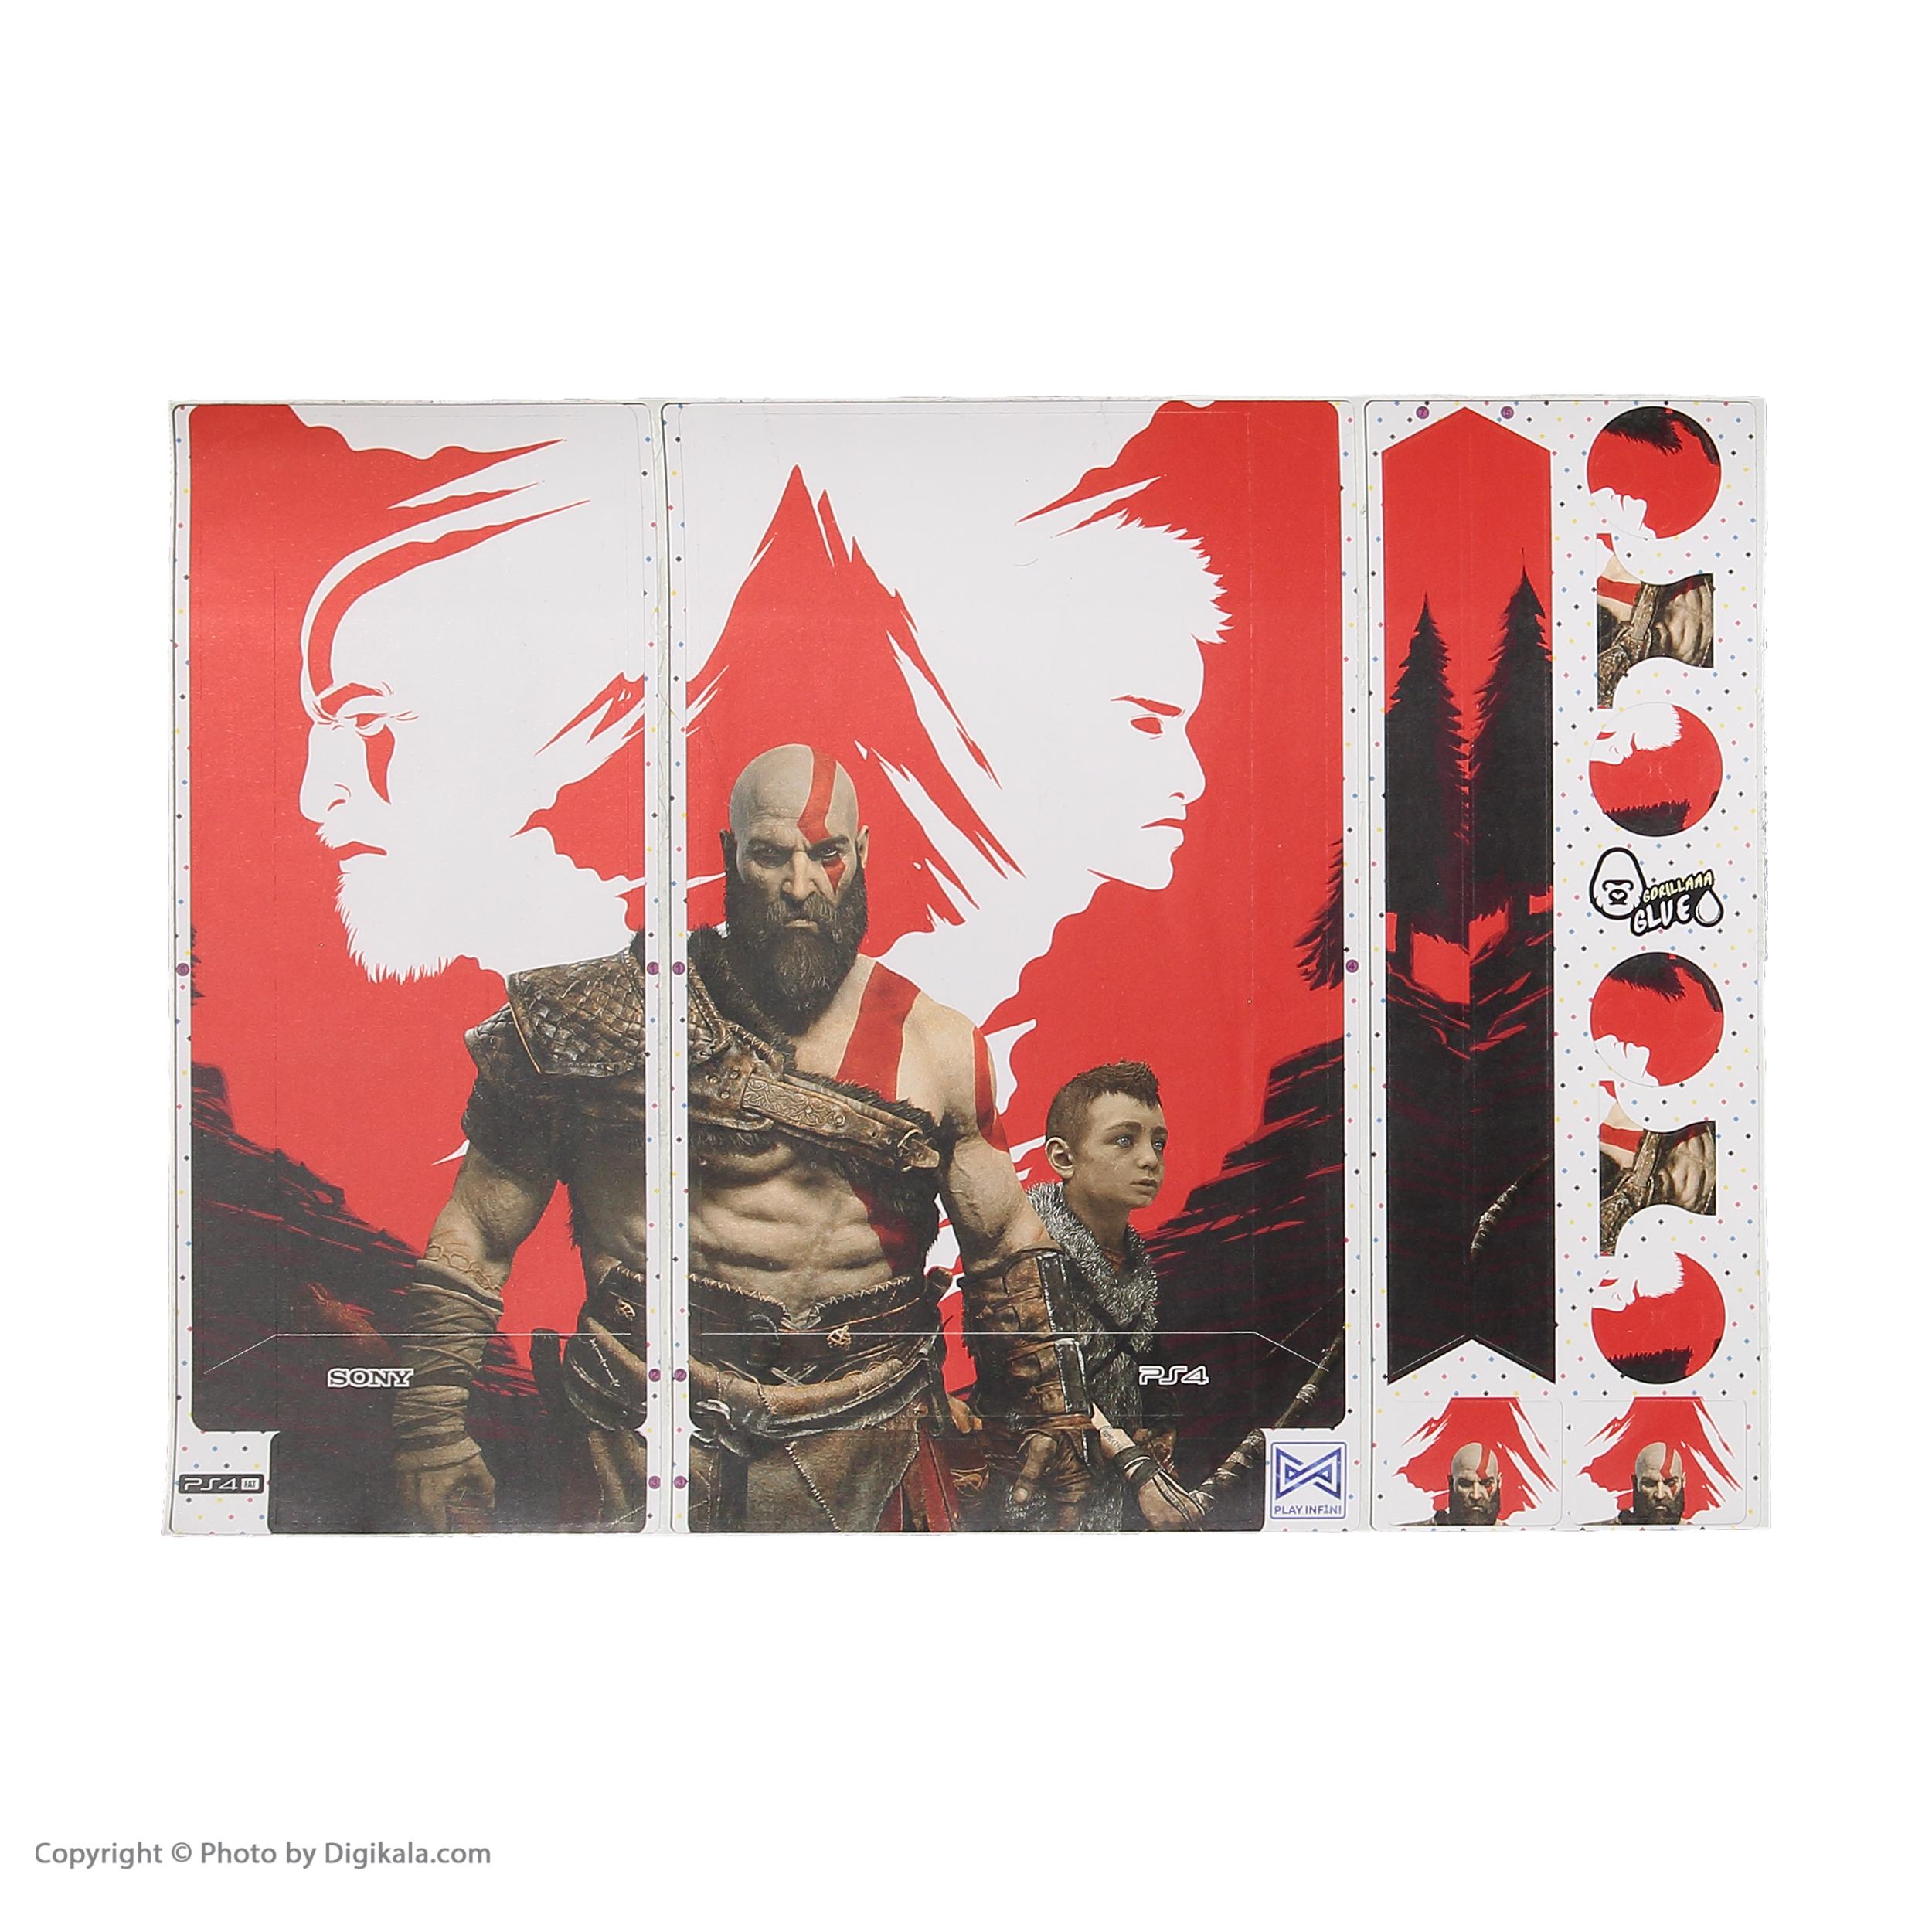 خرید اینترنتی برچسب پلی استیشن 4 پلی اینفینی مدل God of War 03 اورجینال